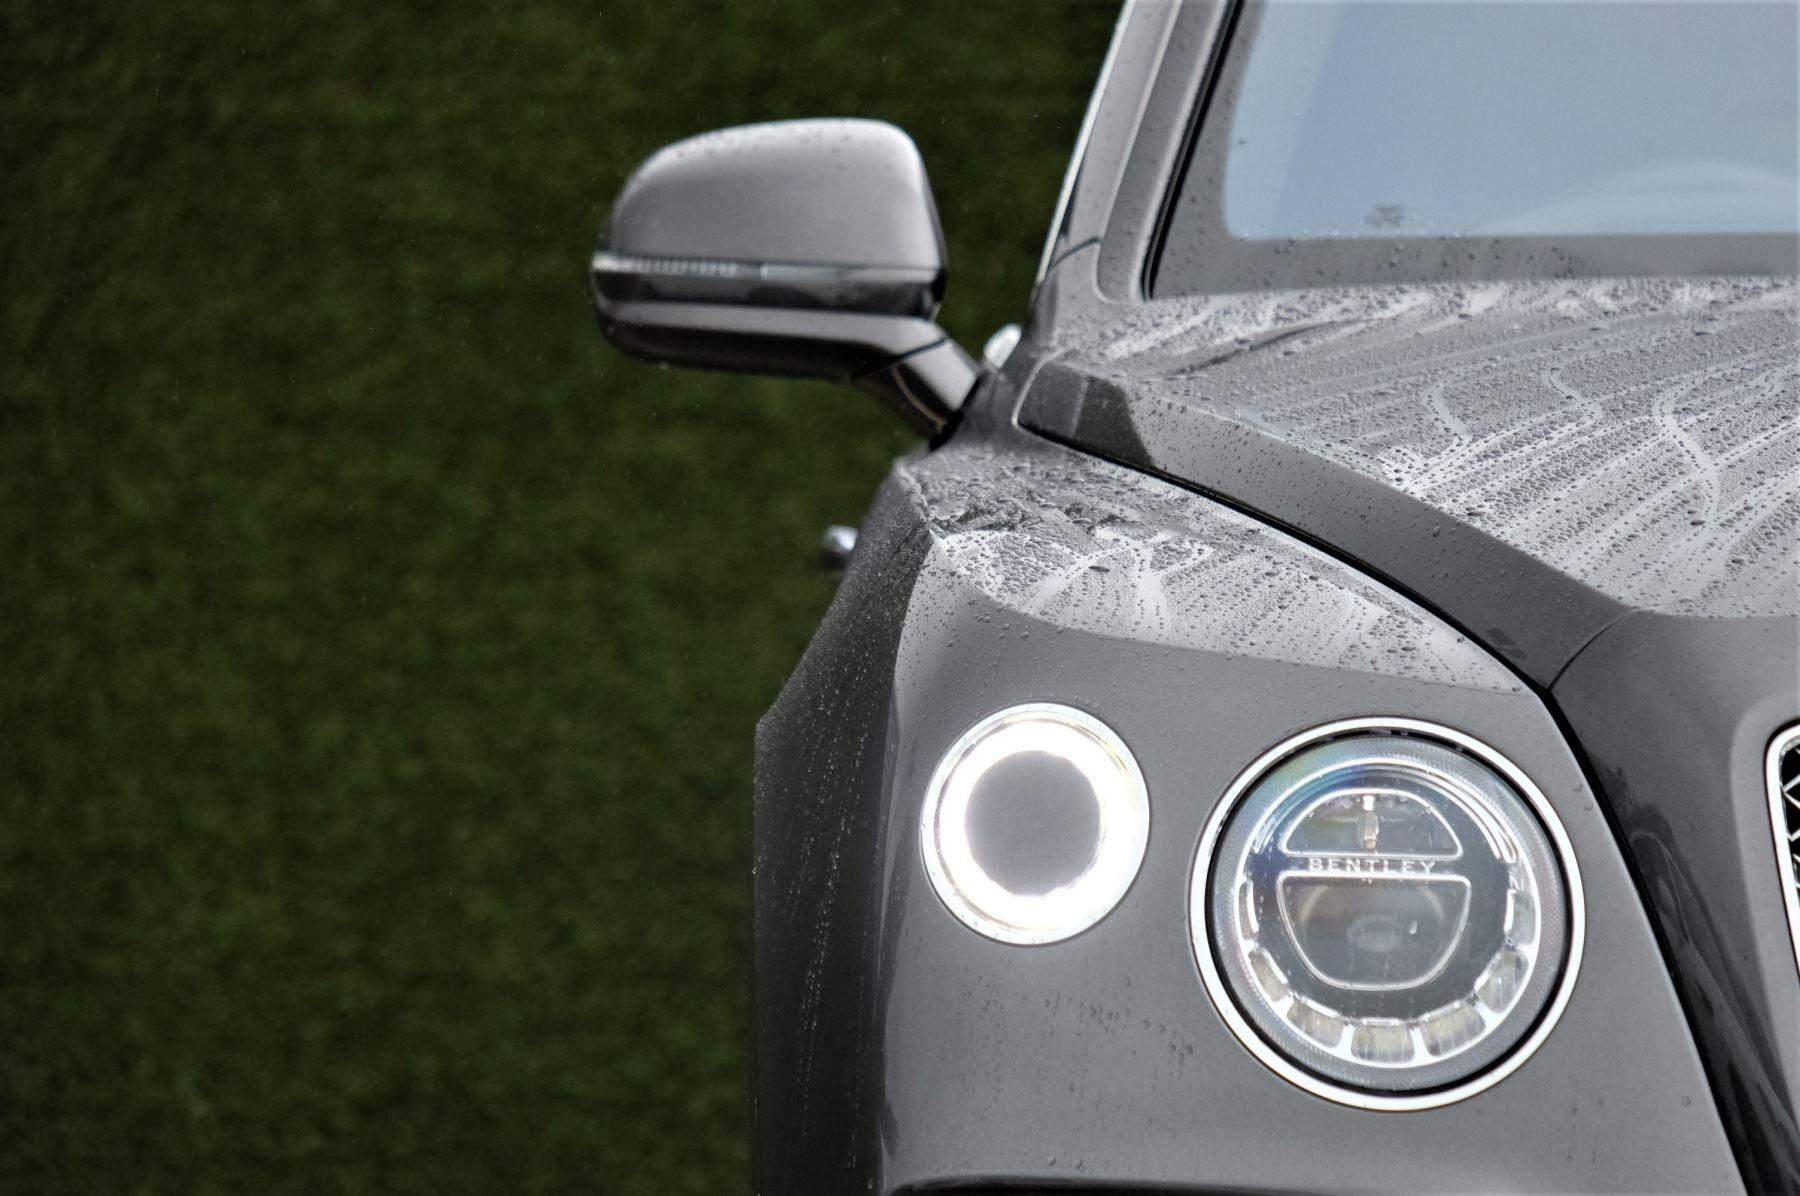 Bentley Bentayga 4.0 V8 5dr - Mulliner Driving Specification image 6